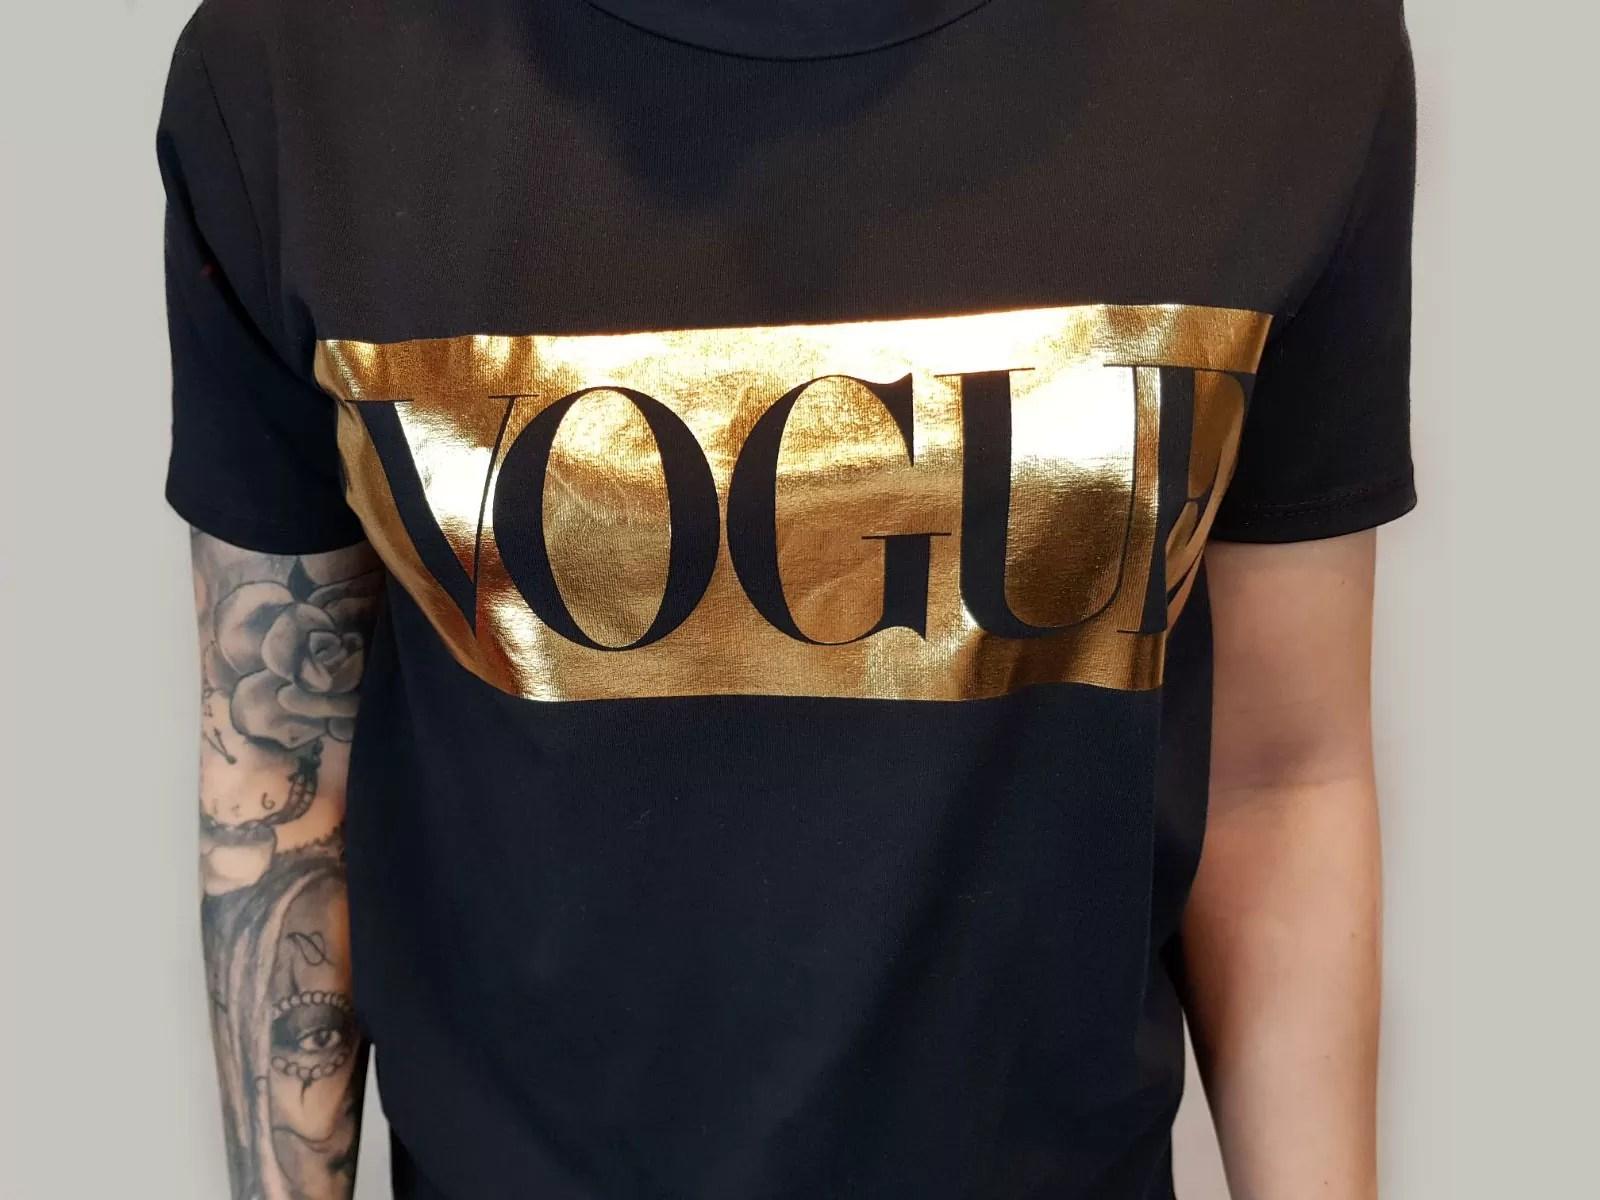 Vogue Trui Kopen.T Shirt Met Vogue Er Op Dames Tops Kopen Memode Eu